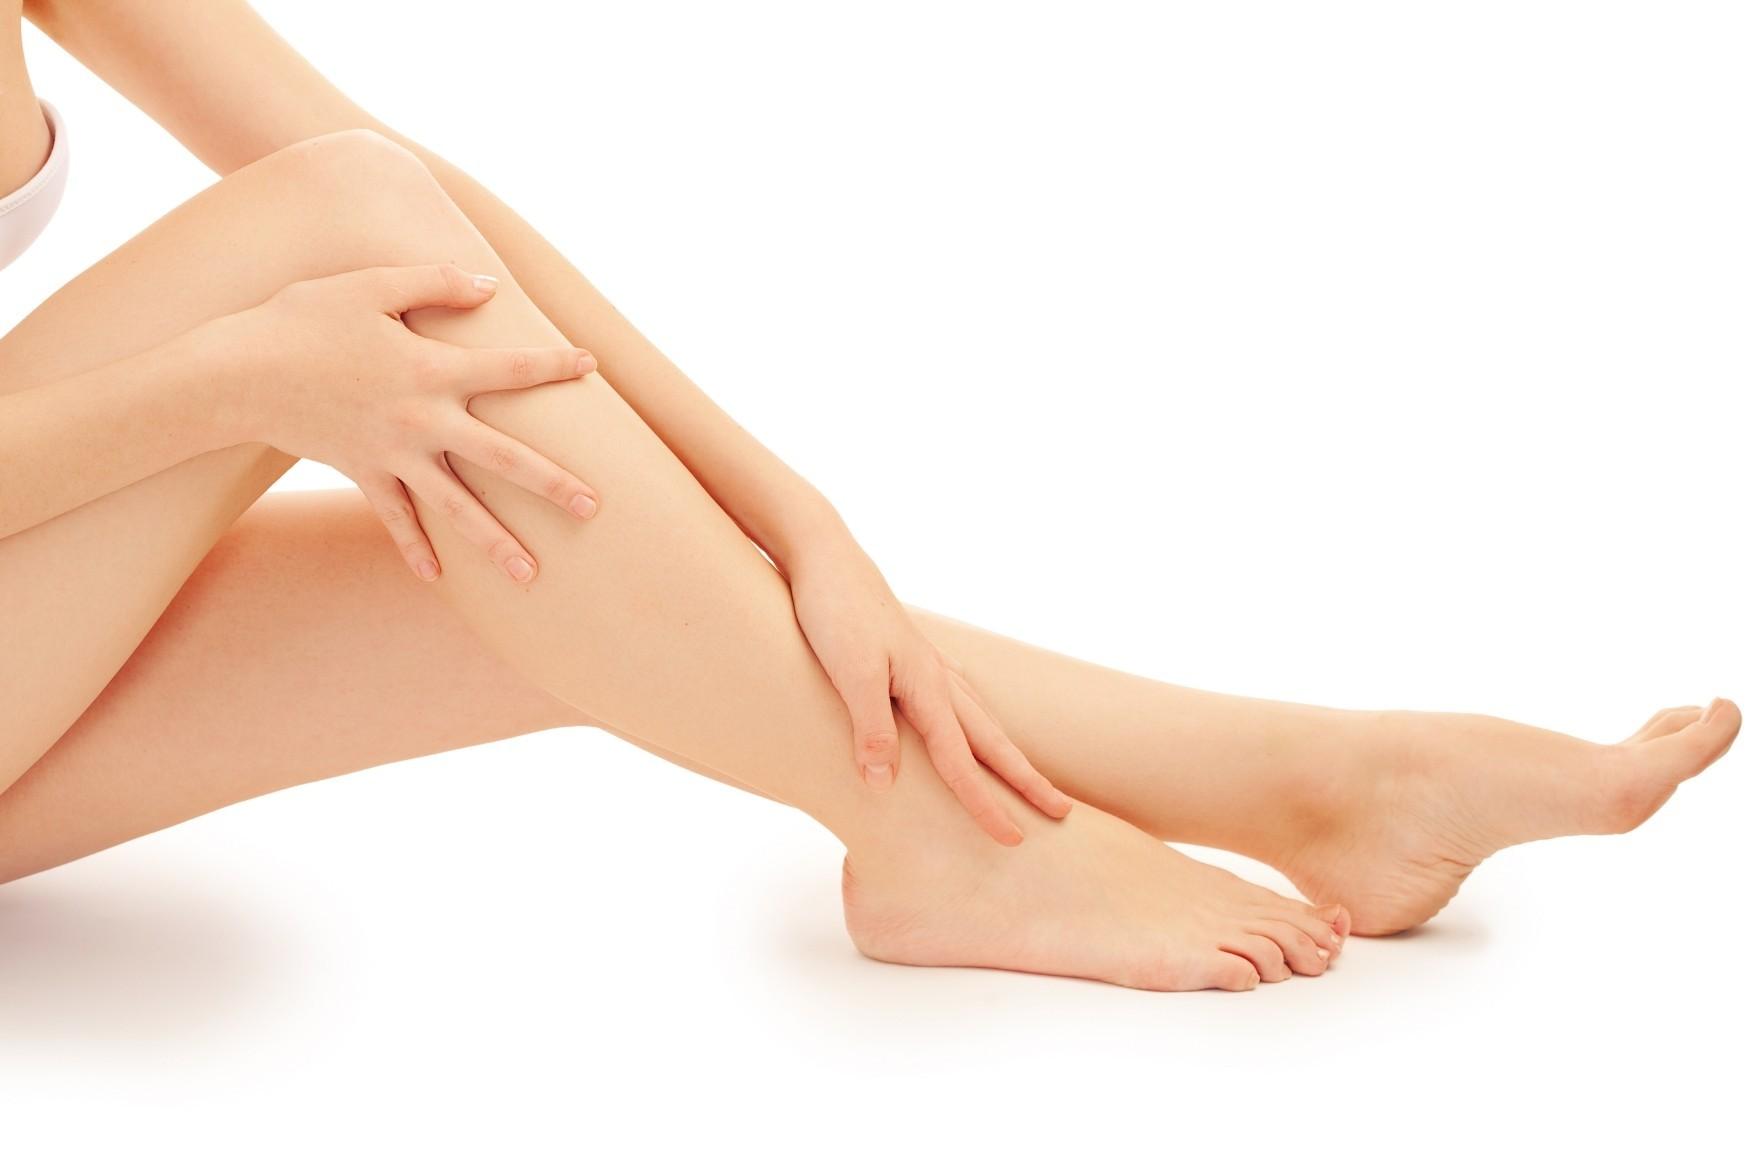 Жировики на ногах, руках: причины, лечение, удаление жировиков